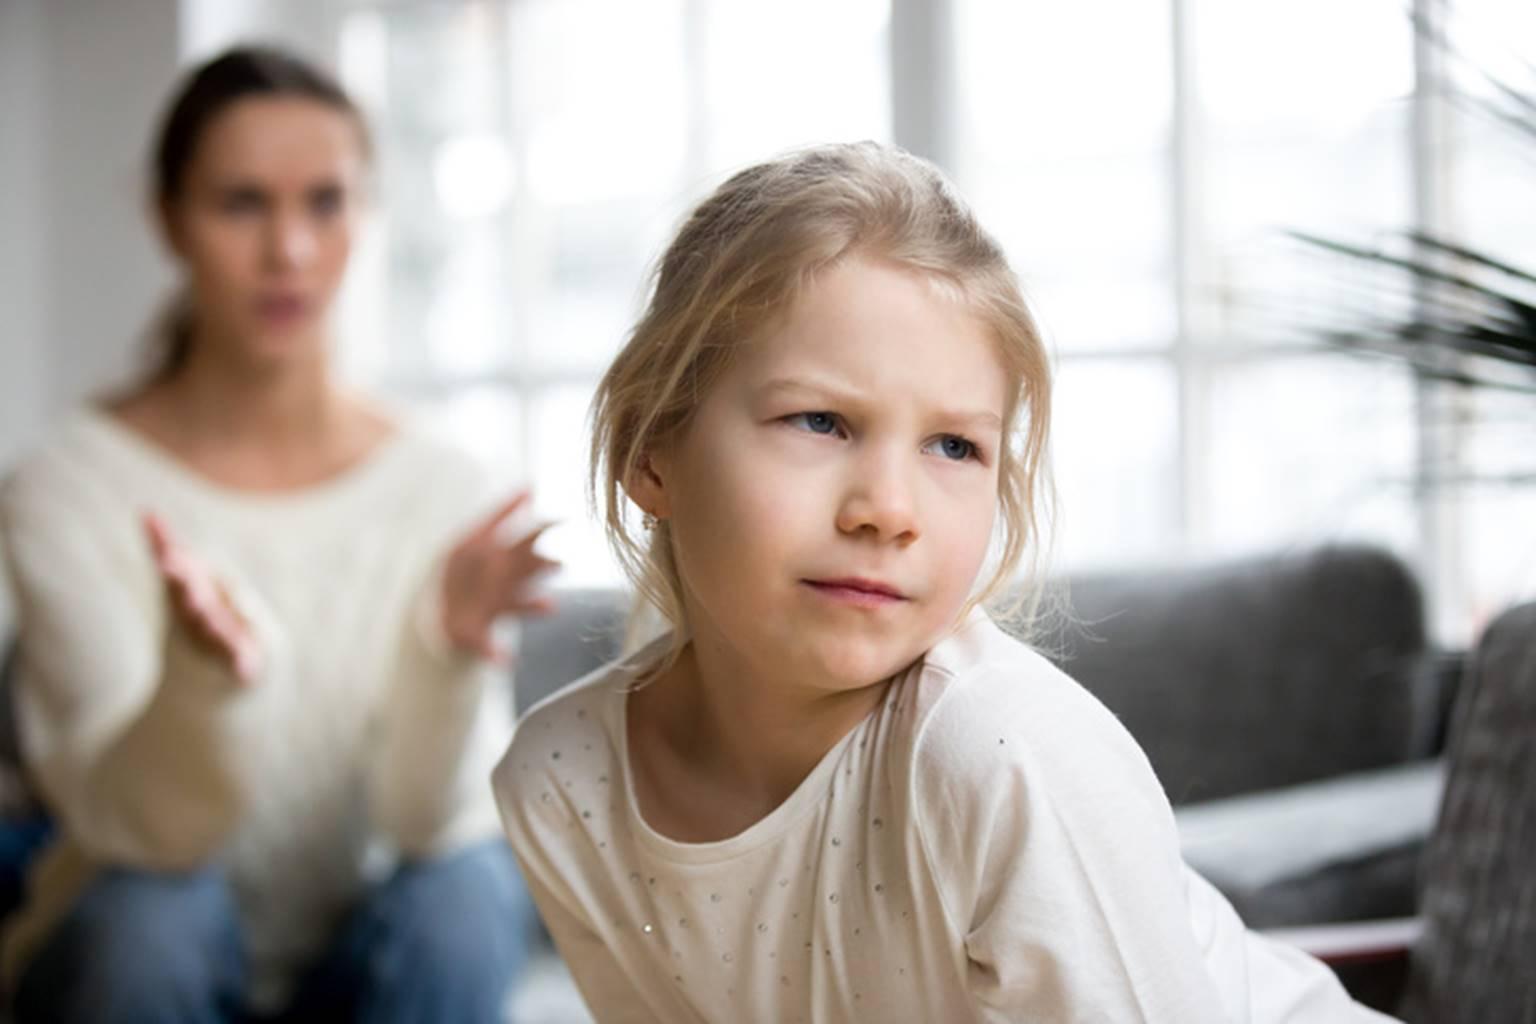 7 cách để bố mẹ hạ hỏa trước khi trừng phạt trẻ | Tin tức Online